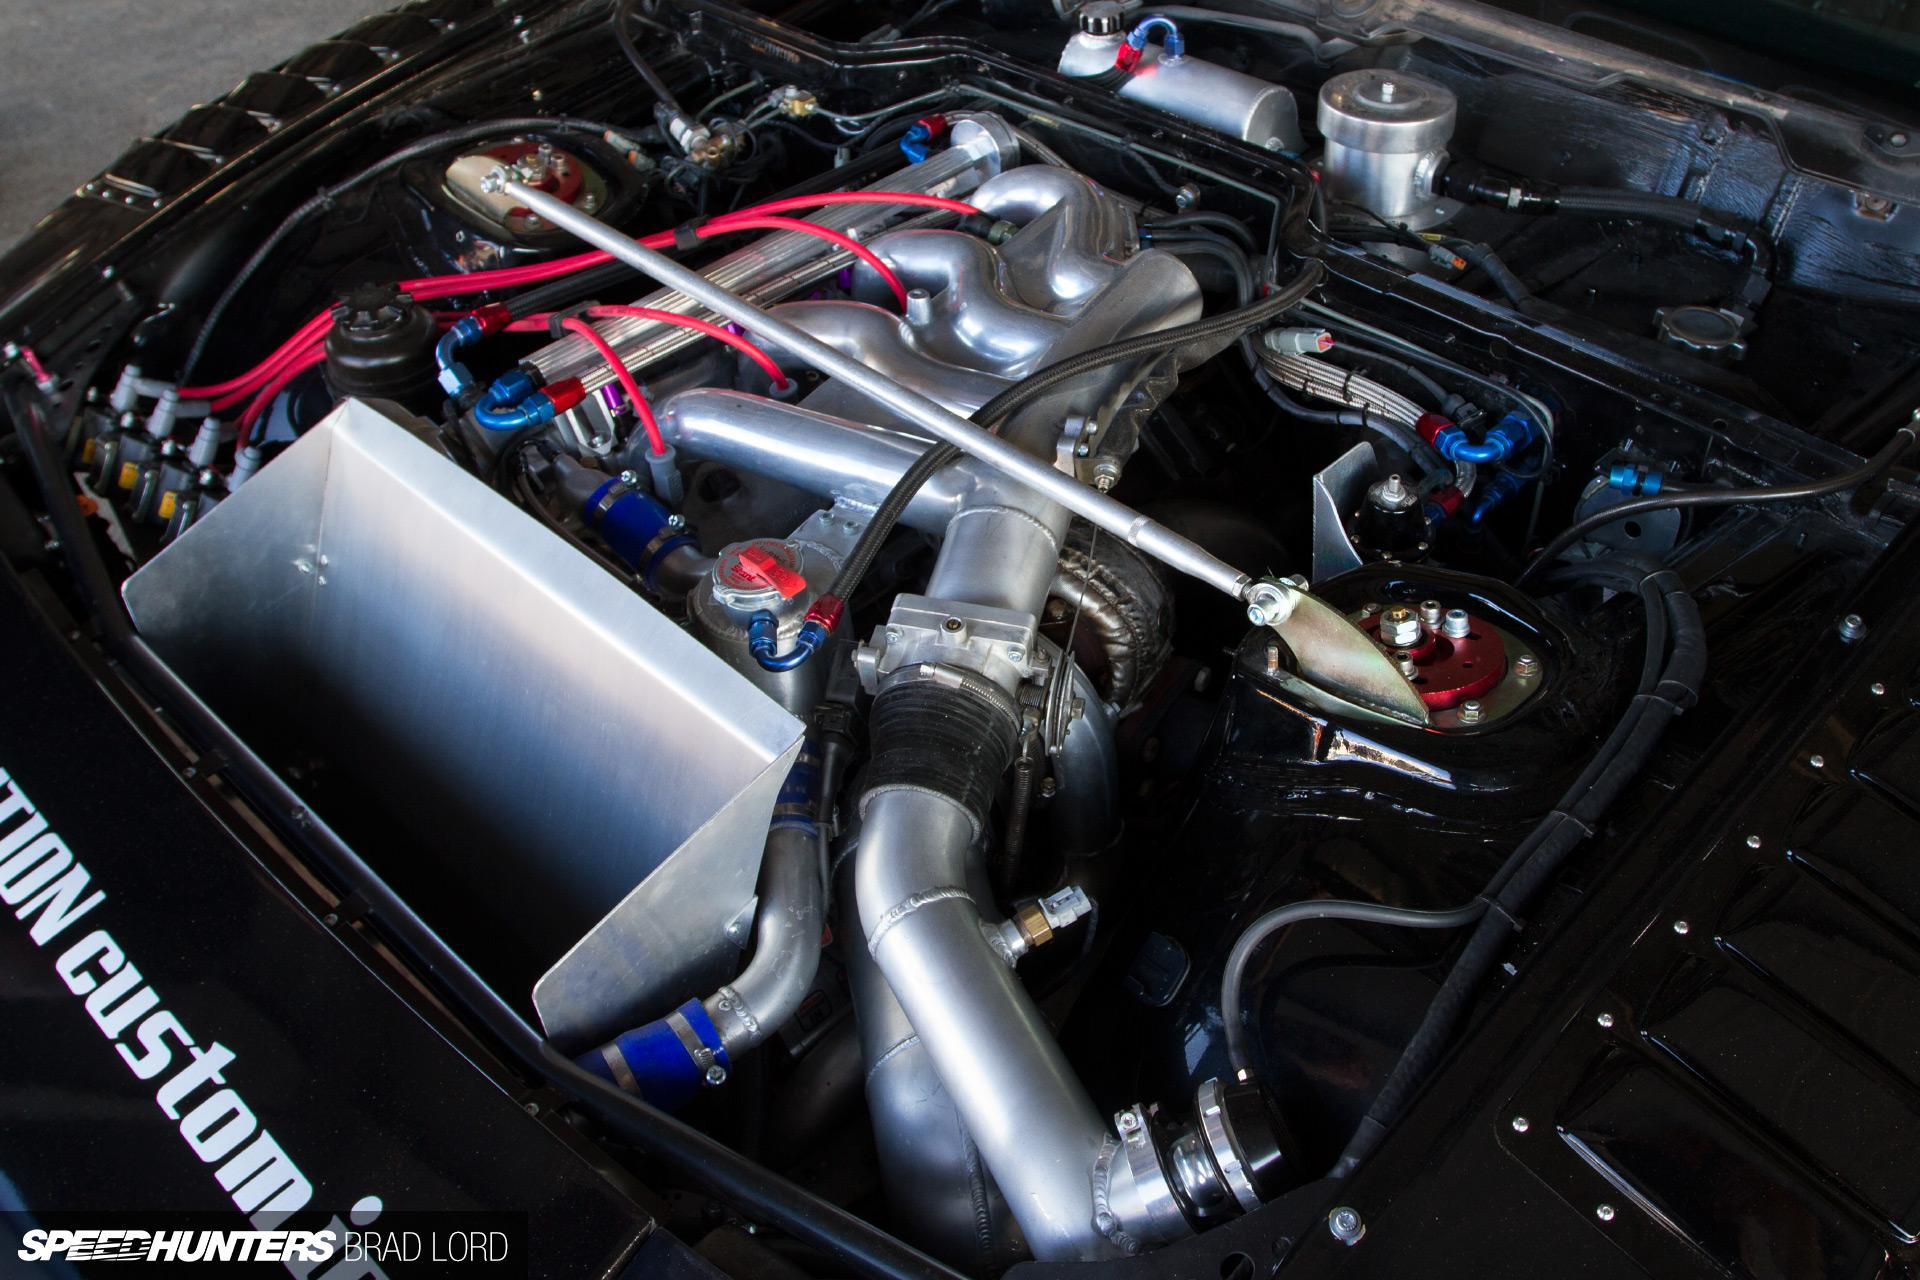 Porsche 944 turbo drift race racing engine g wallpaper 1920x1280 188074 wallpaperup - Porsche engine wallpaper ...